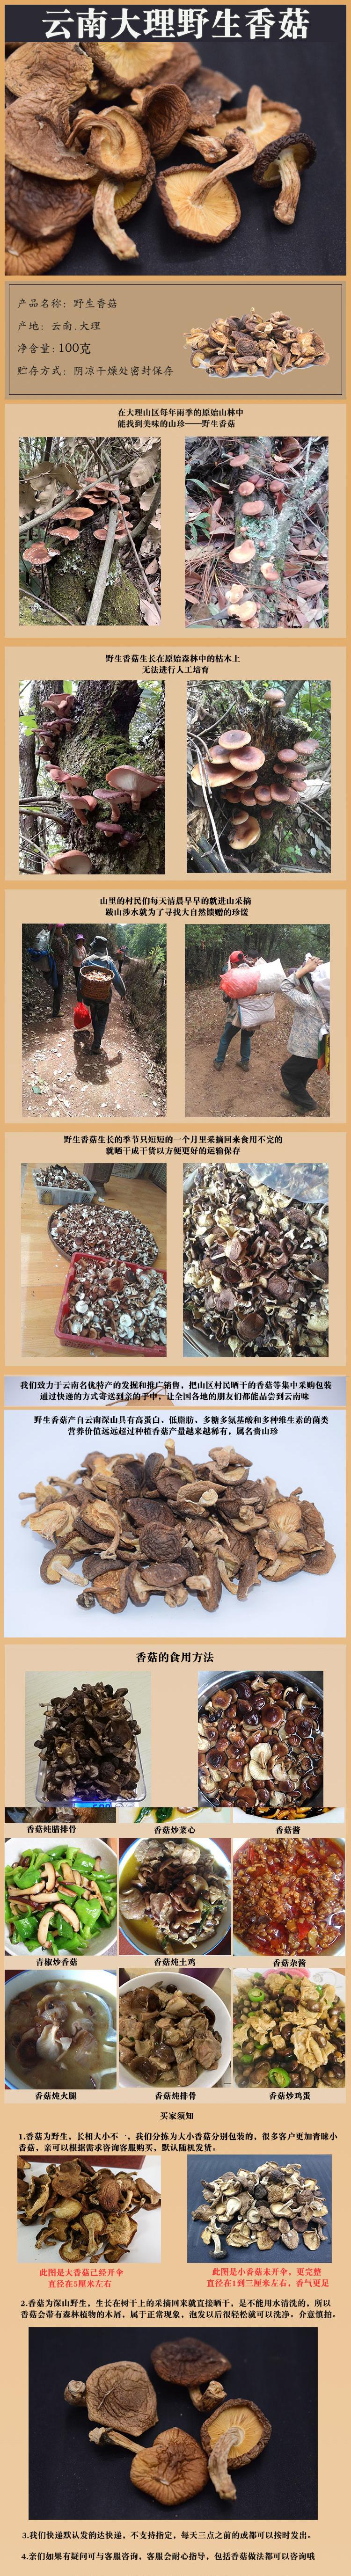 香菇菌100g.jpg